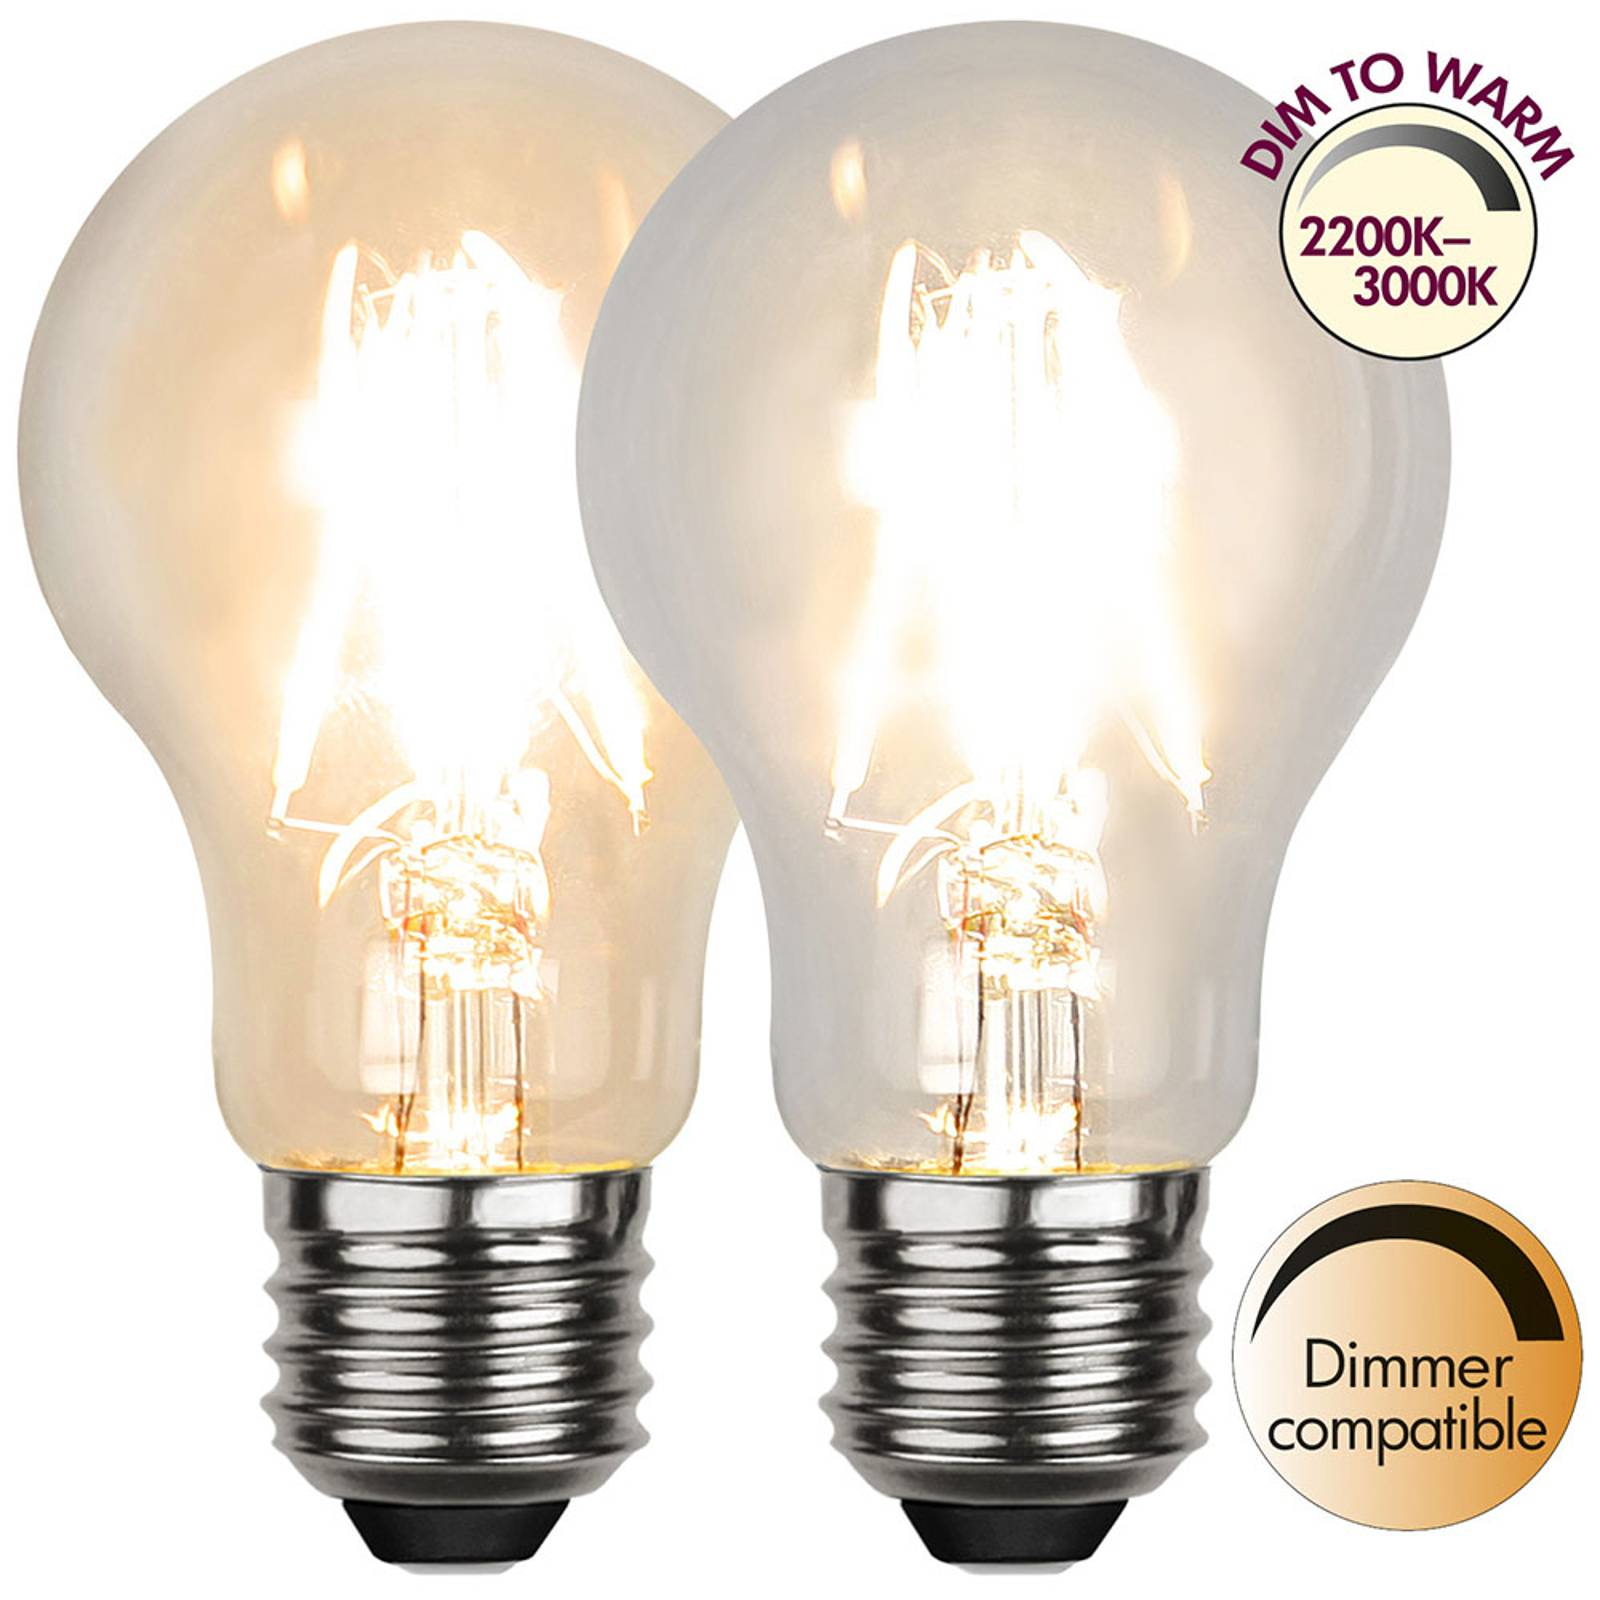 LED-lamppu E27 A60 4W 3000K, dim to warm